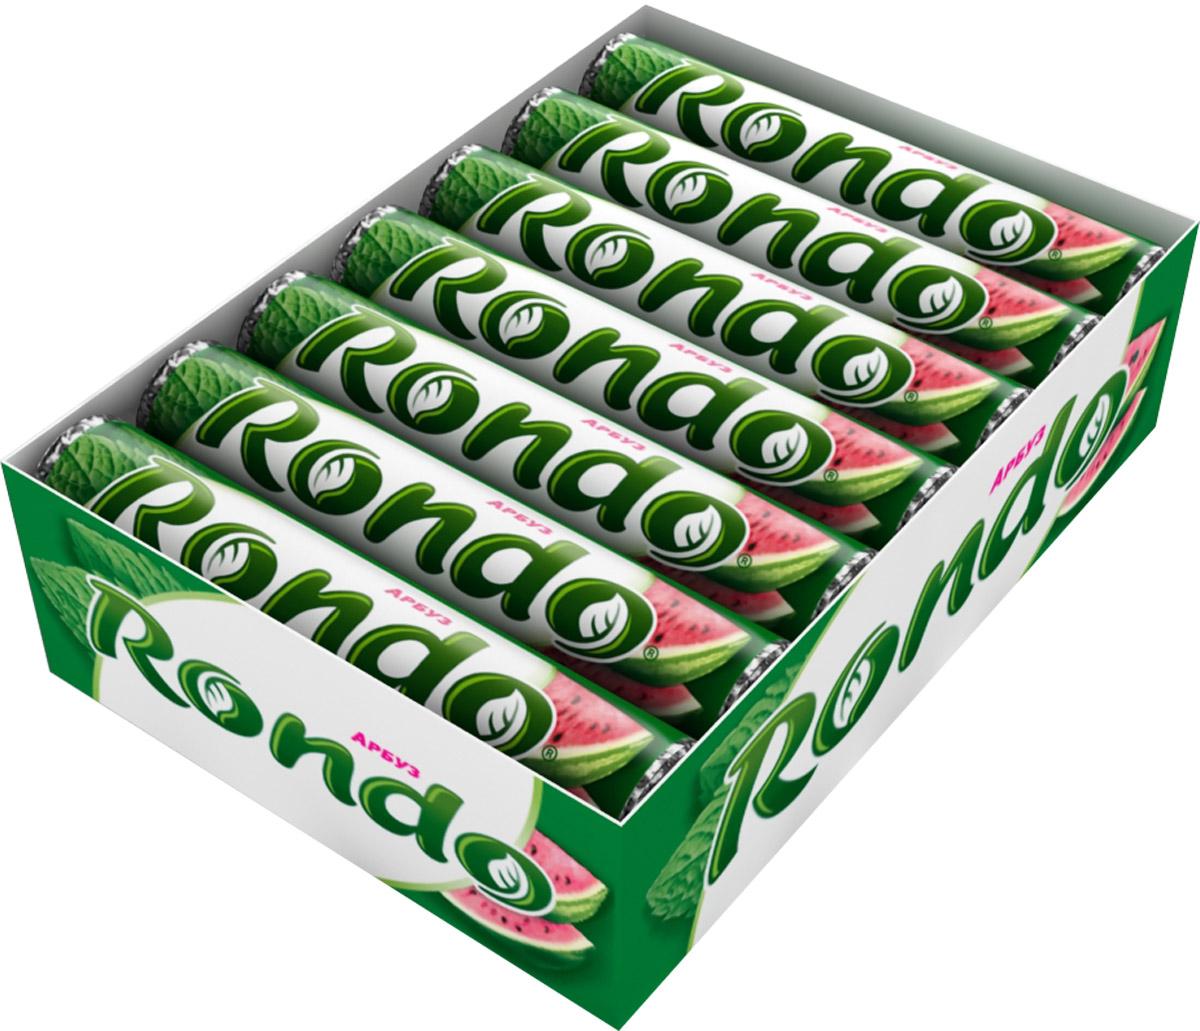 Rondo Арбуз освежающие конфеты, 14 пачек по 30 гУТ040810303Мятные конфеты Rondo с ароматом арбуза освежают дыхание и делают день слаще! Уникальный продукт, созданный в 1996 году специально для российских потребителей, по-прежнему остается одним из любимых оружий против несвежего дыхания. Свежее дыхание облегчает понимание!Уважаемые клиенты! Обращаем ваше внимание, что полный перечень состава продукта представлен на дополнительном изображении.